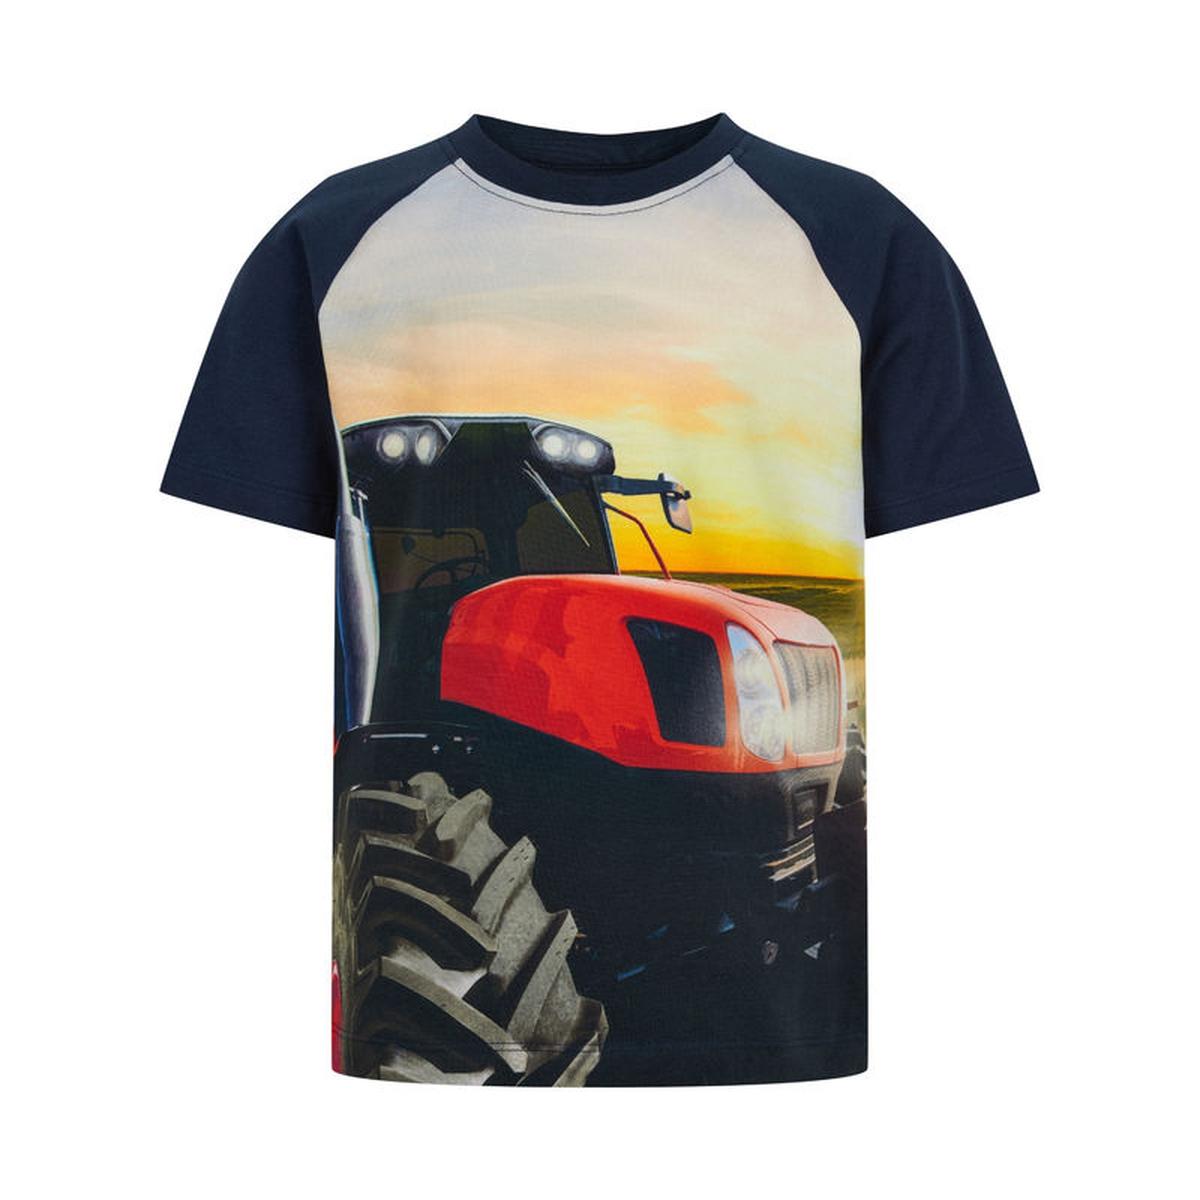 MinyMo - T-skjorte Traktor Navy Night